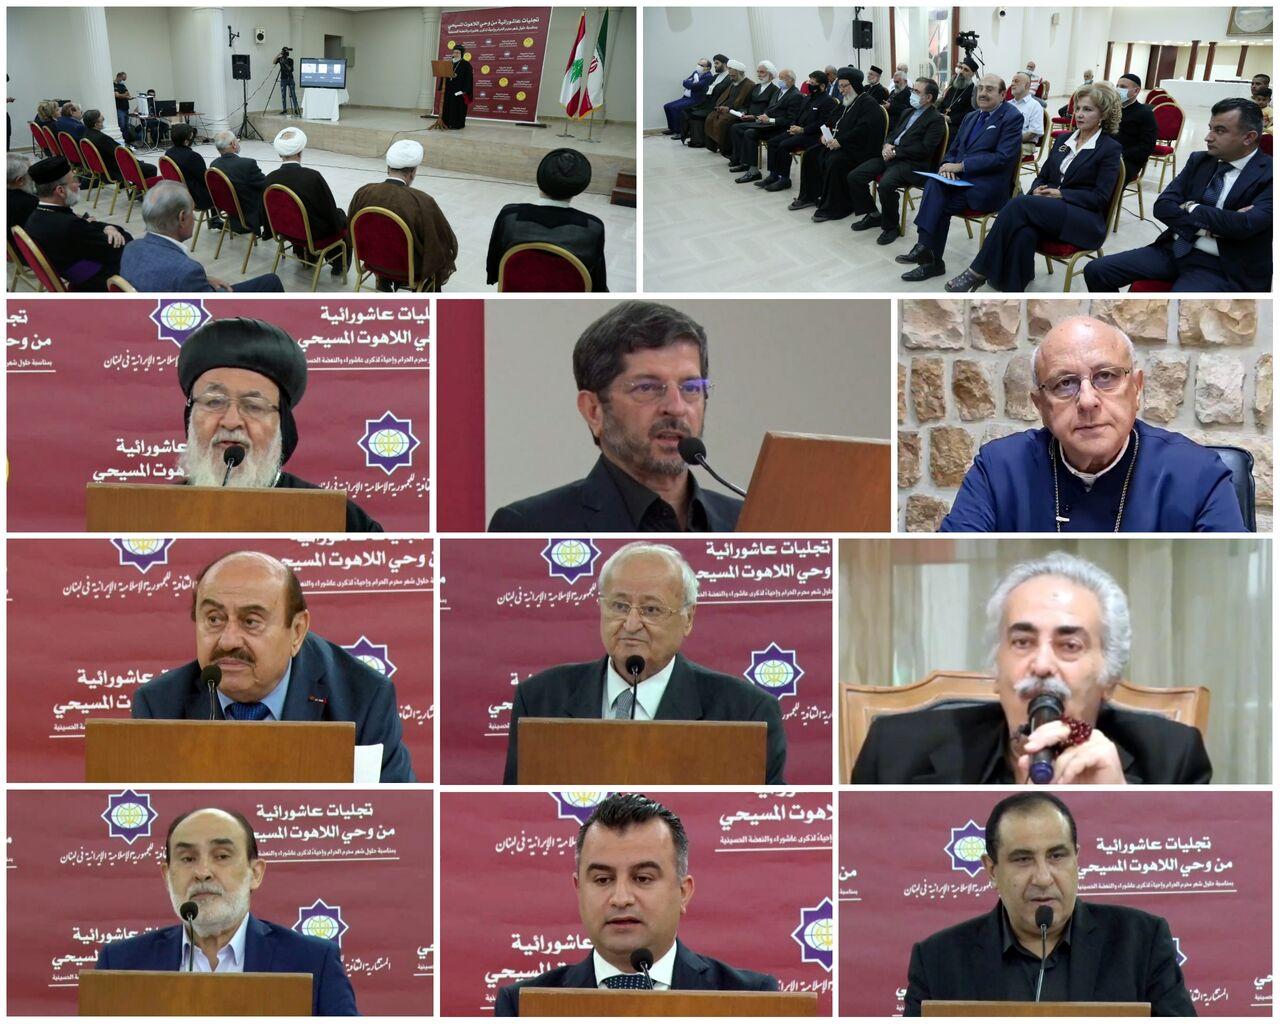 """نشست """"جلوههای عاشورایی از عالم وحیانی مسیحیت"""" در لبنان"""